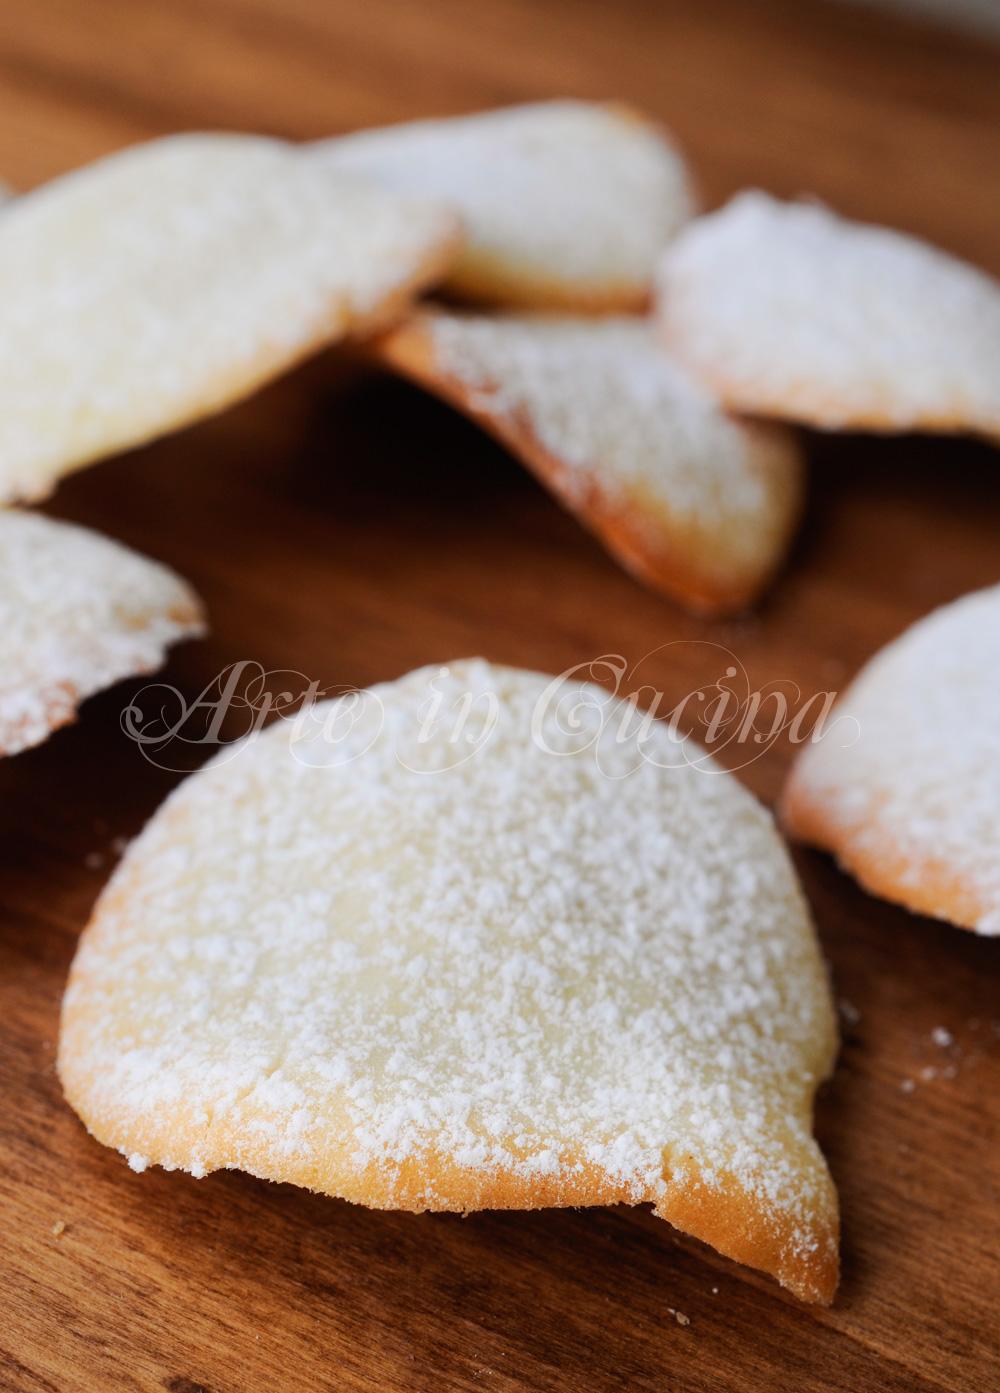 Tuiles biscotti francesi al burro chips dolci vickyart arte in cucina